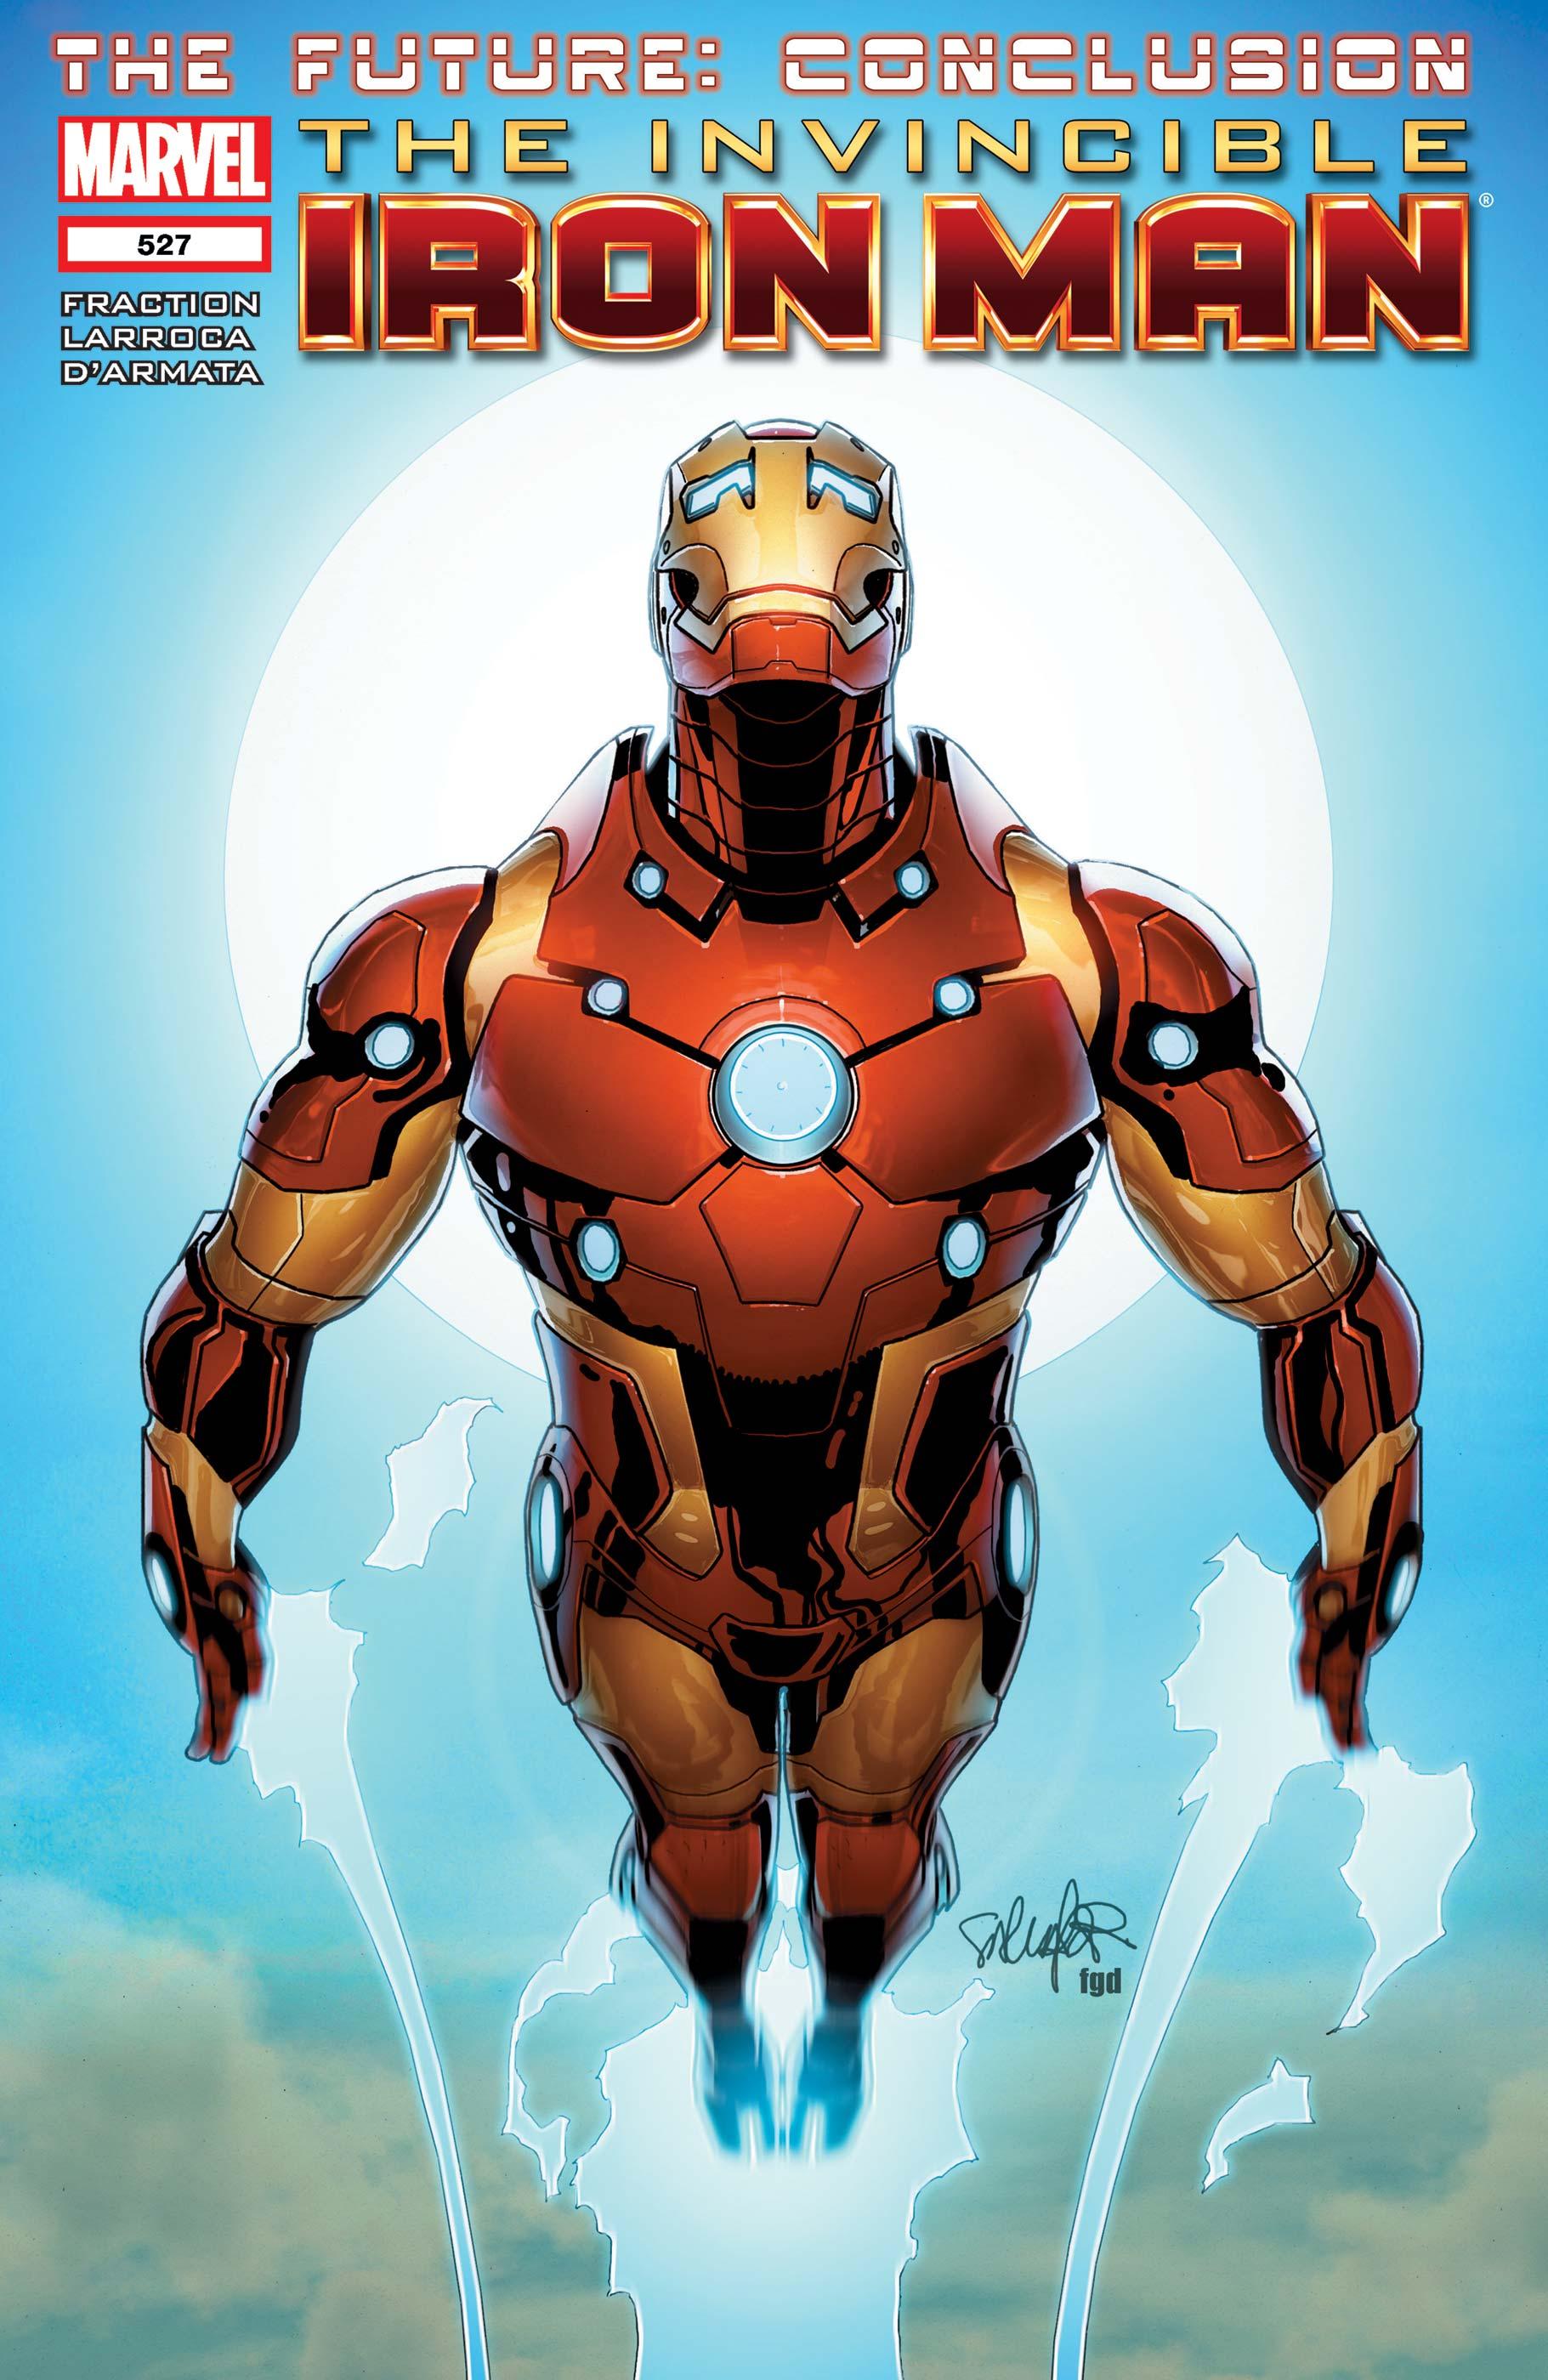 Invincible Iron Man (2008) #527